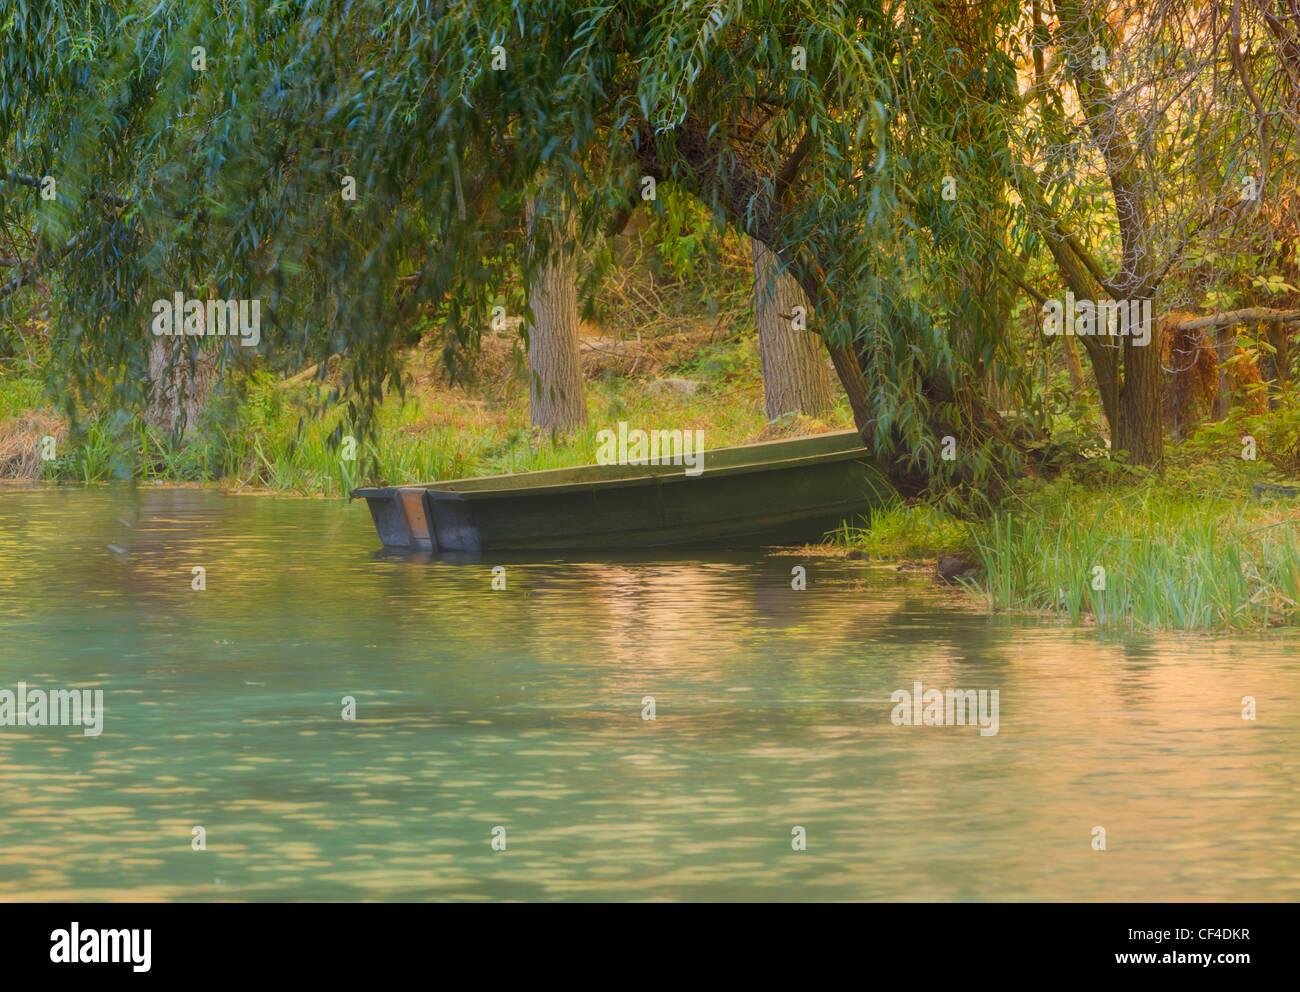 Rowing boat moored on bank of Lago del Espejo, Mirror Lake, at Parque Natural de Monasterio de Piedra, Spain - Stock Image